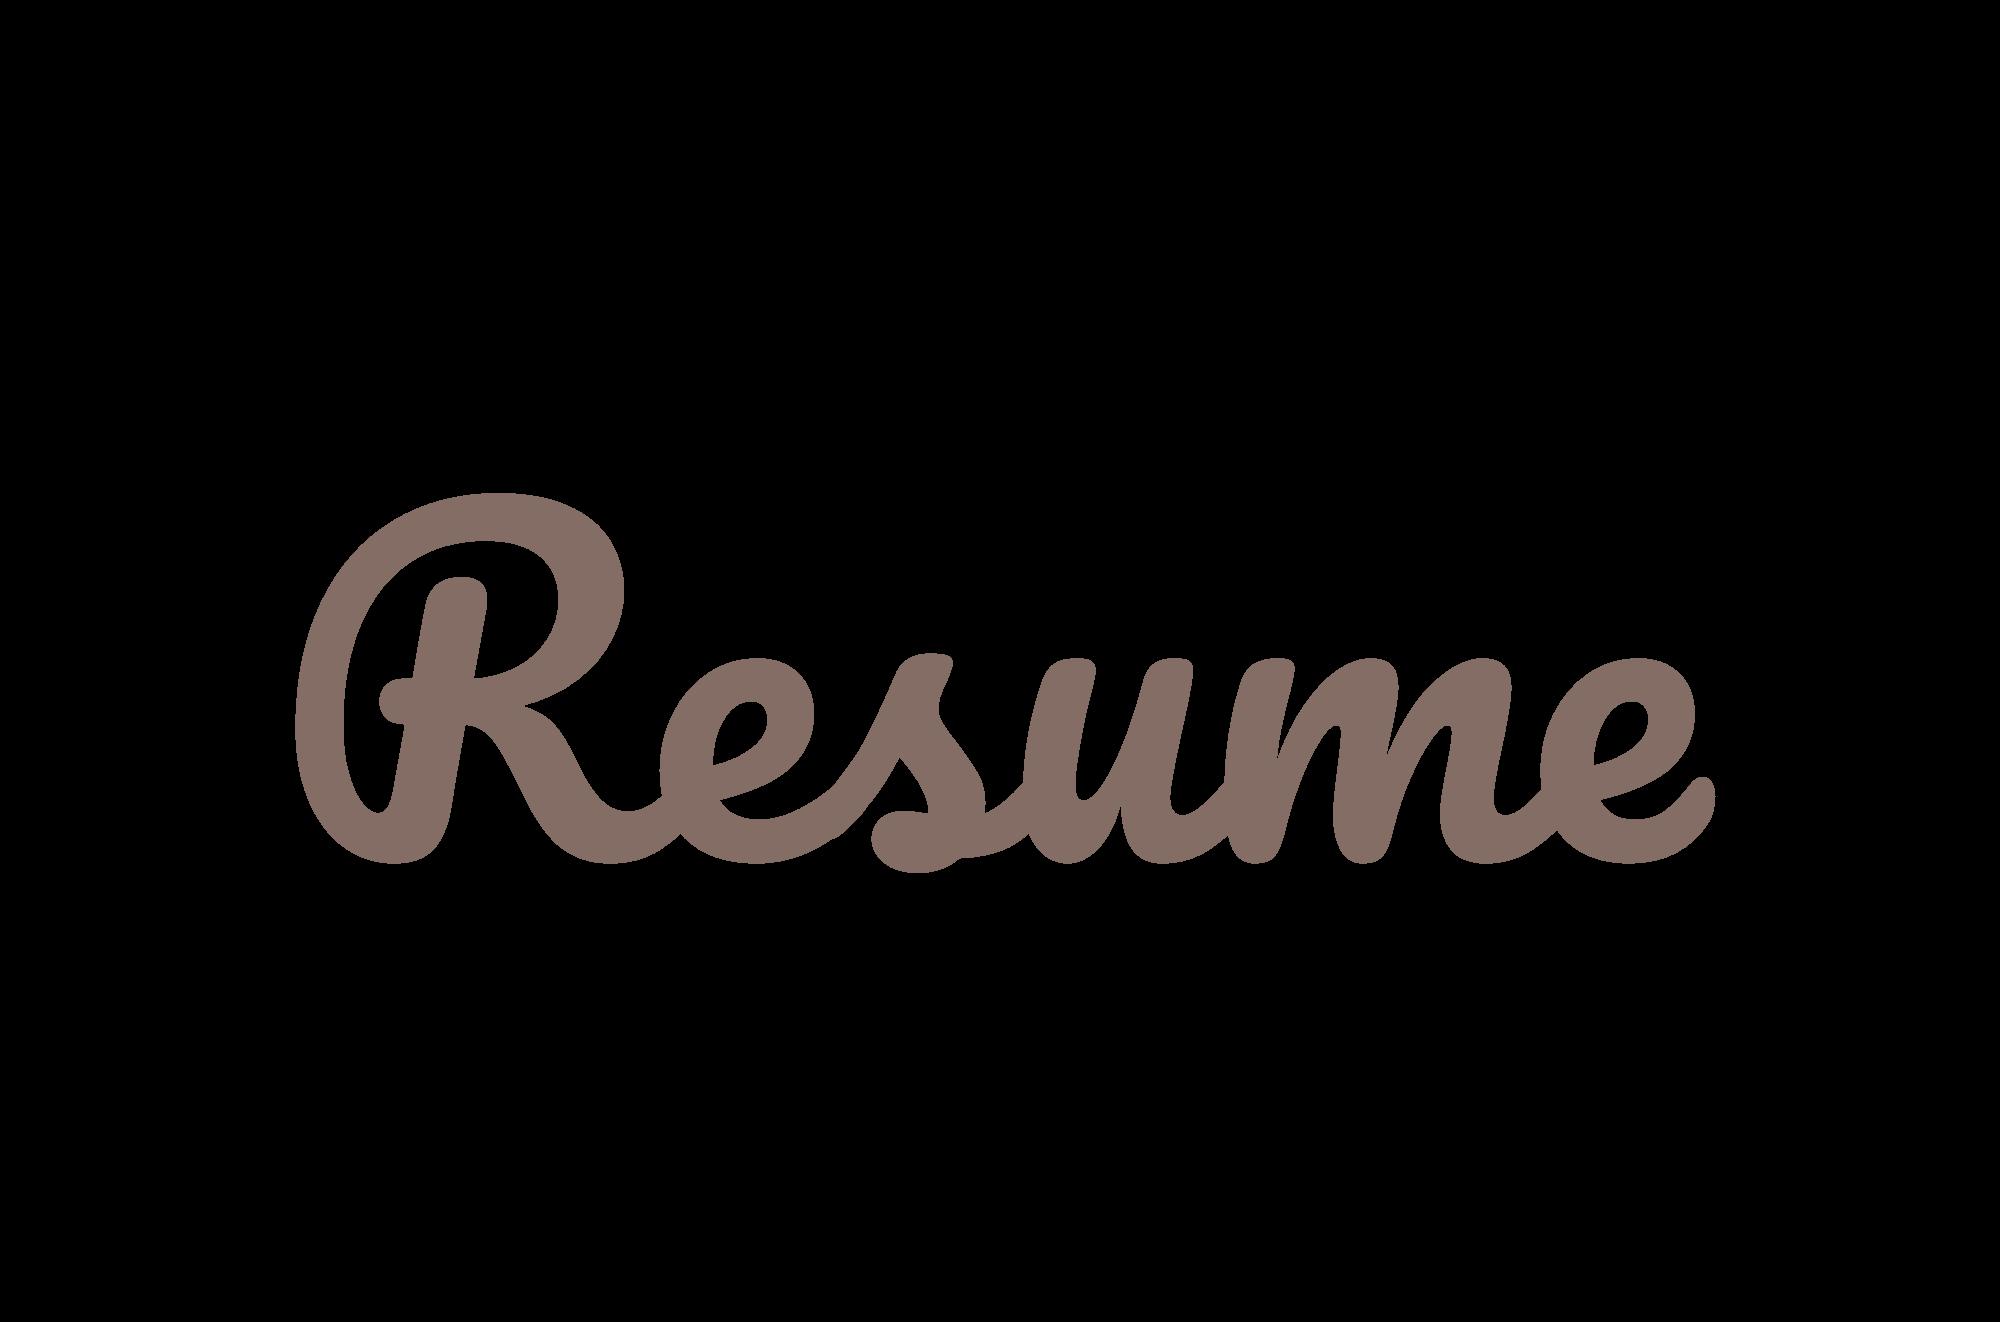 Resume-logo.png